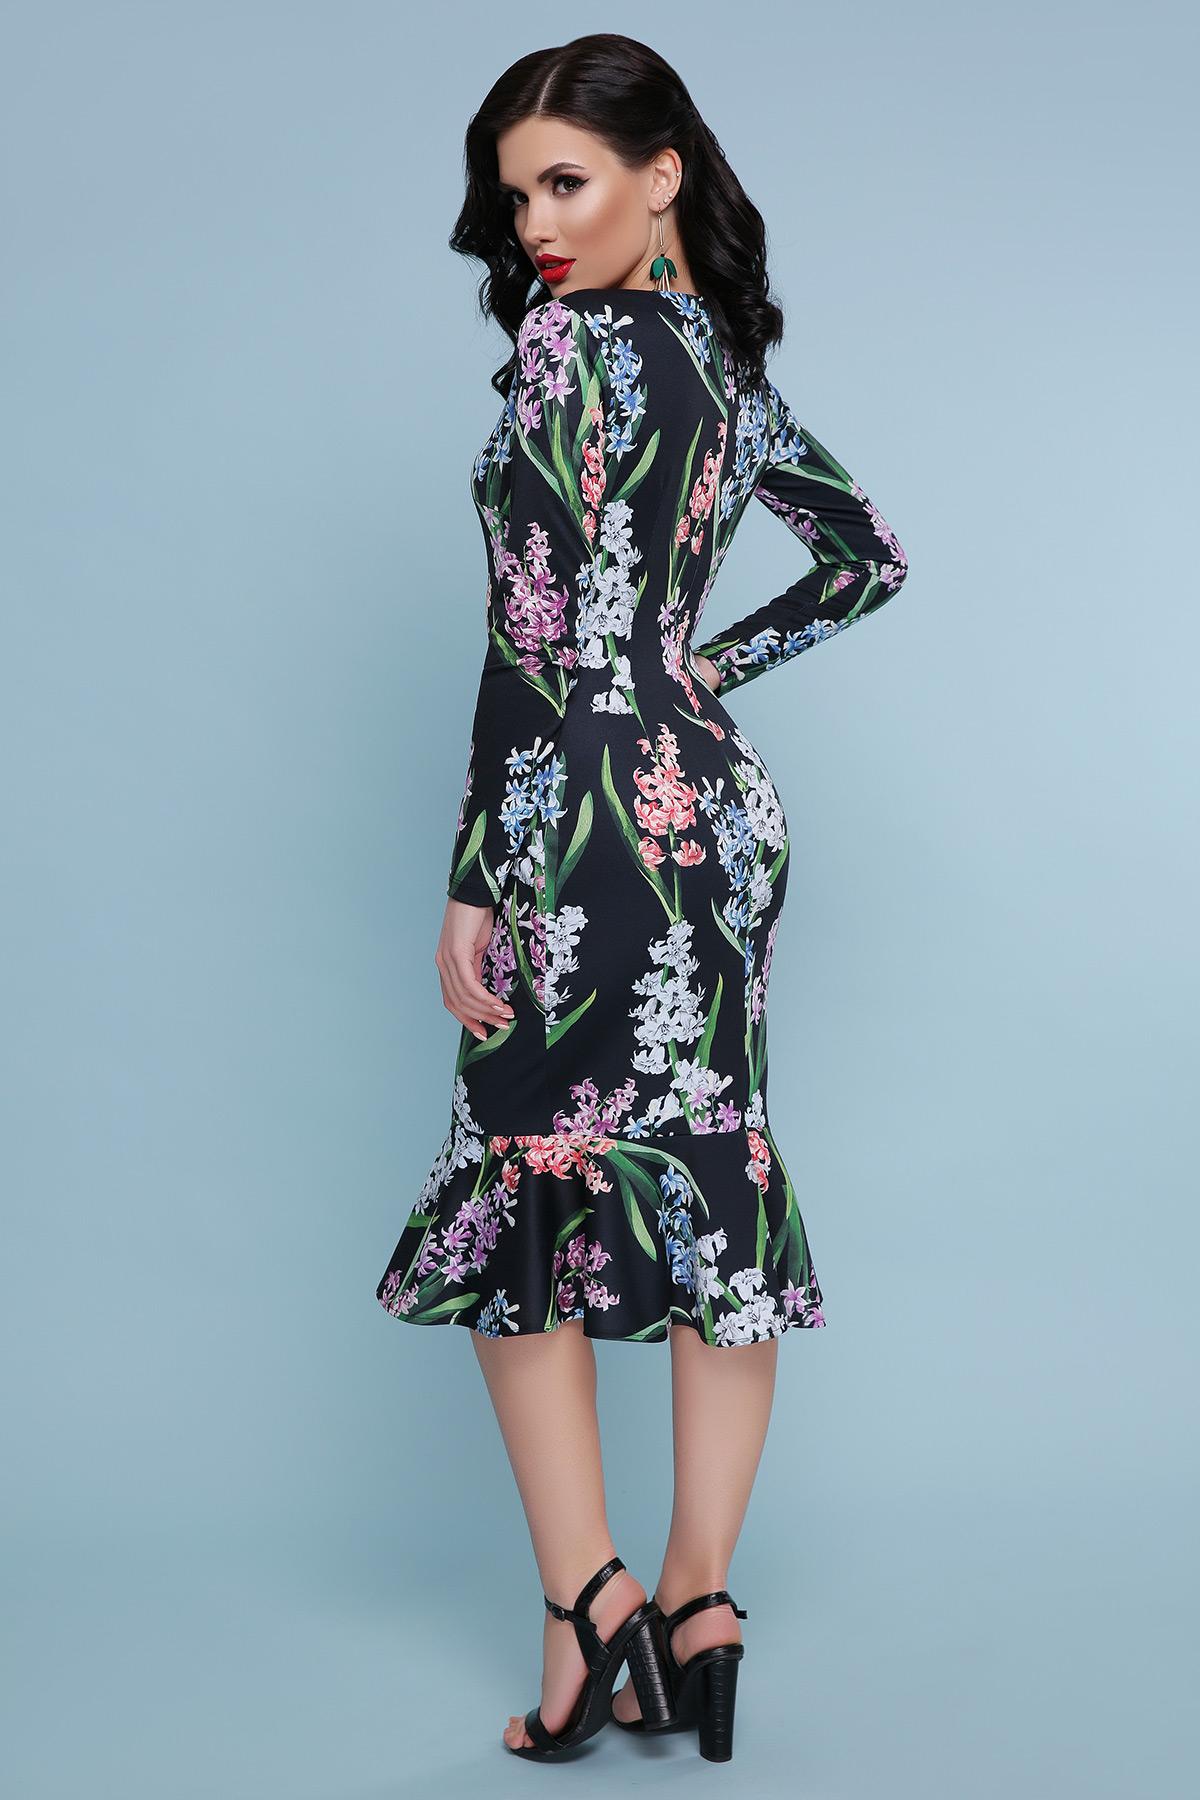 625680343eb Черное платье с цветами Фаина д р - купить в Украине